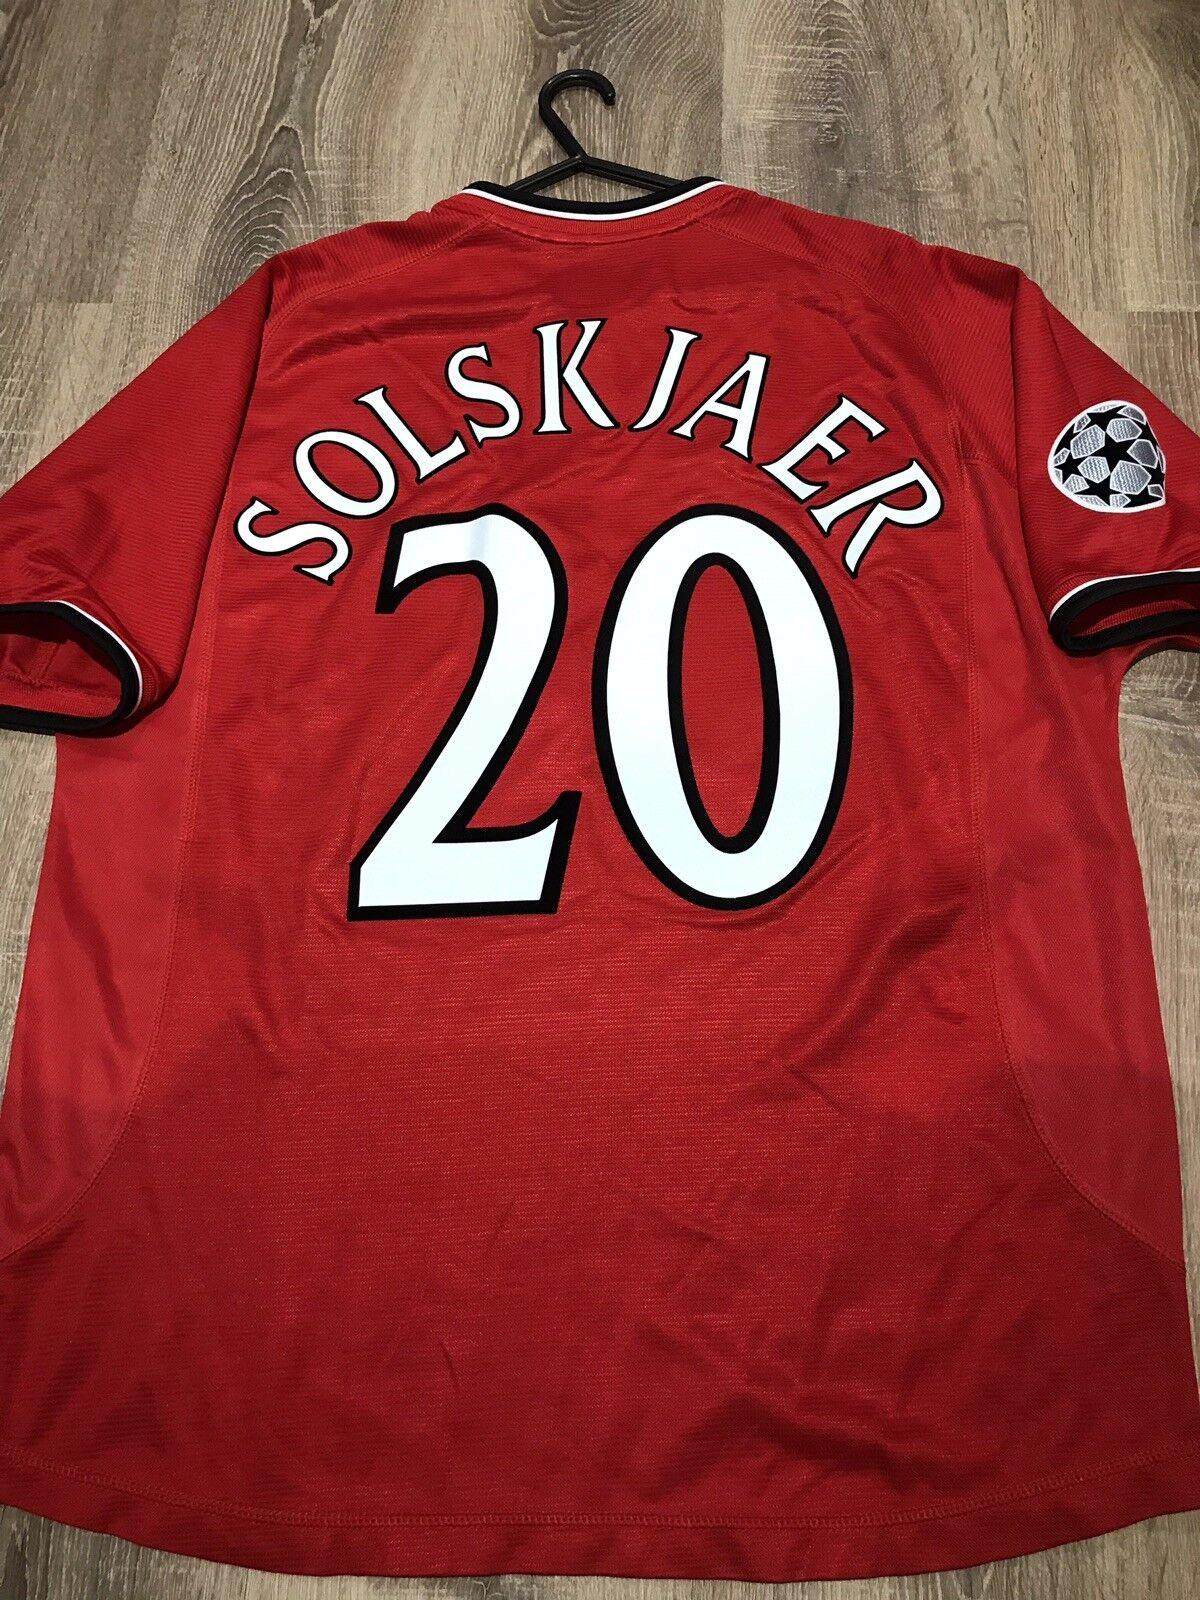 uomochester United 200002 CHAMPION LEAGUE maglietta adulti L 20 Solskjaer